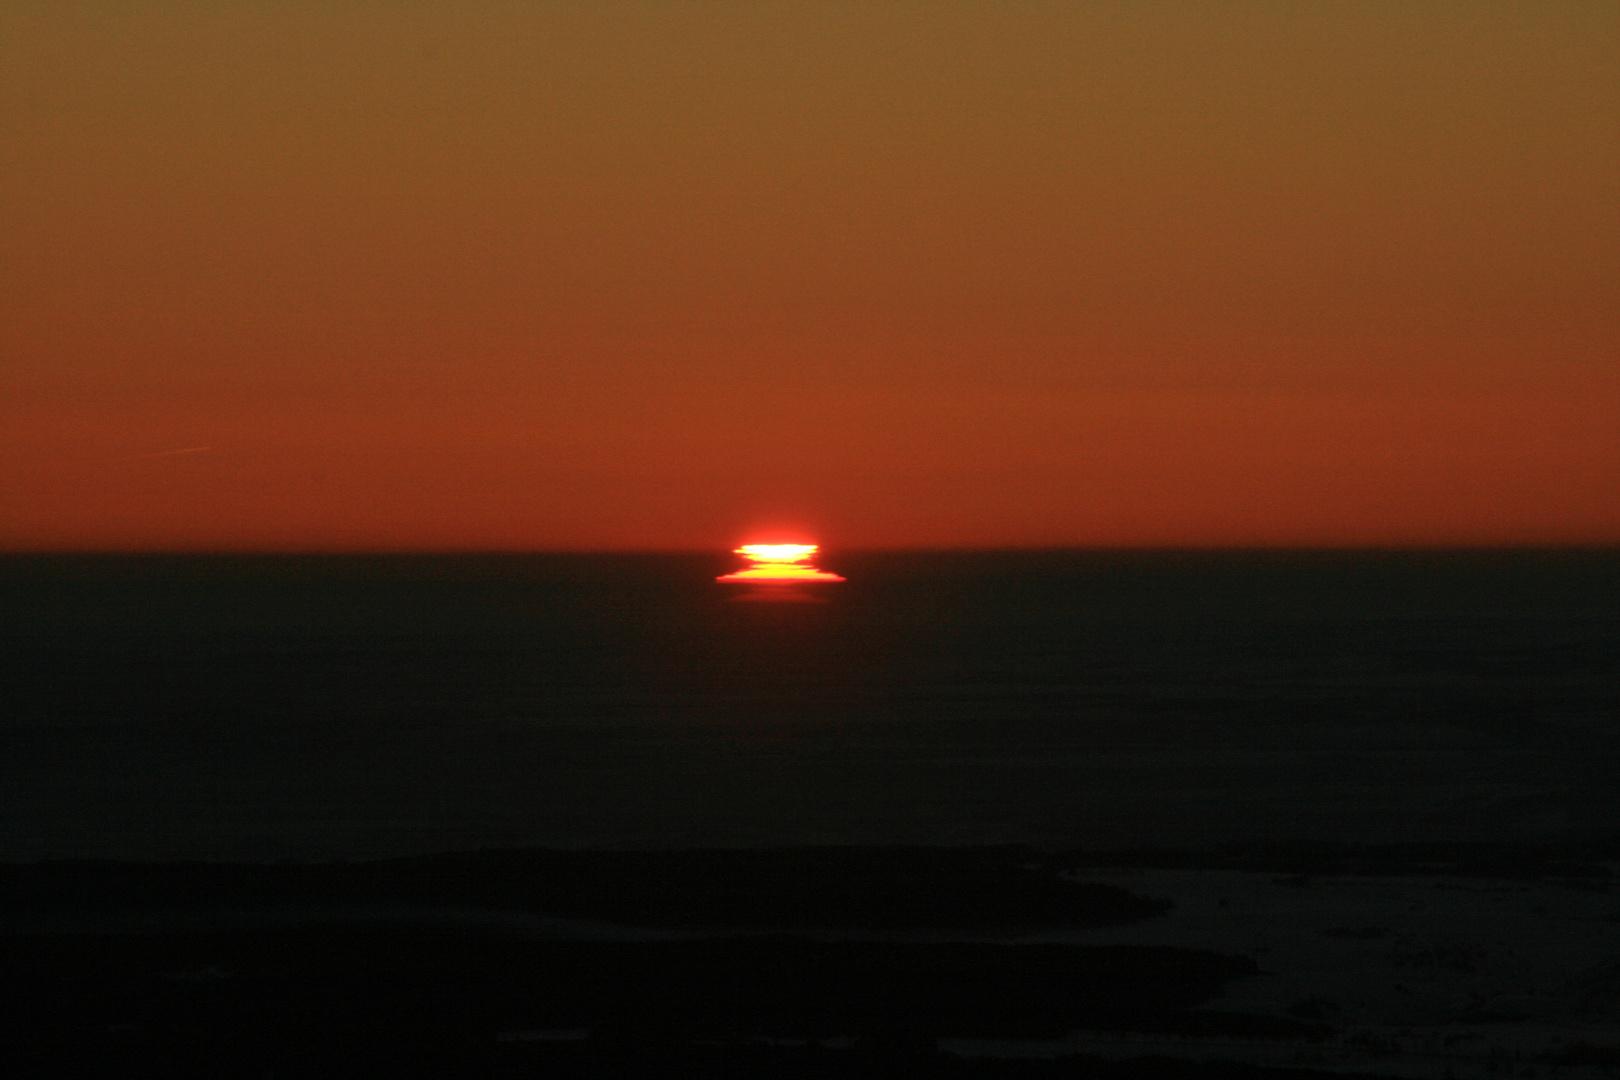 Zum Sonnenaufgang vor 7 Uhr